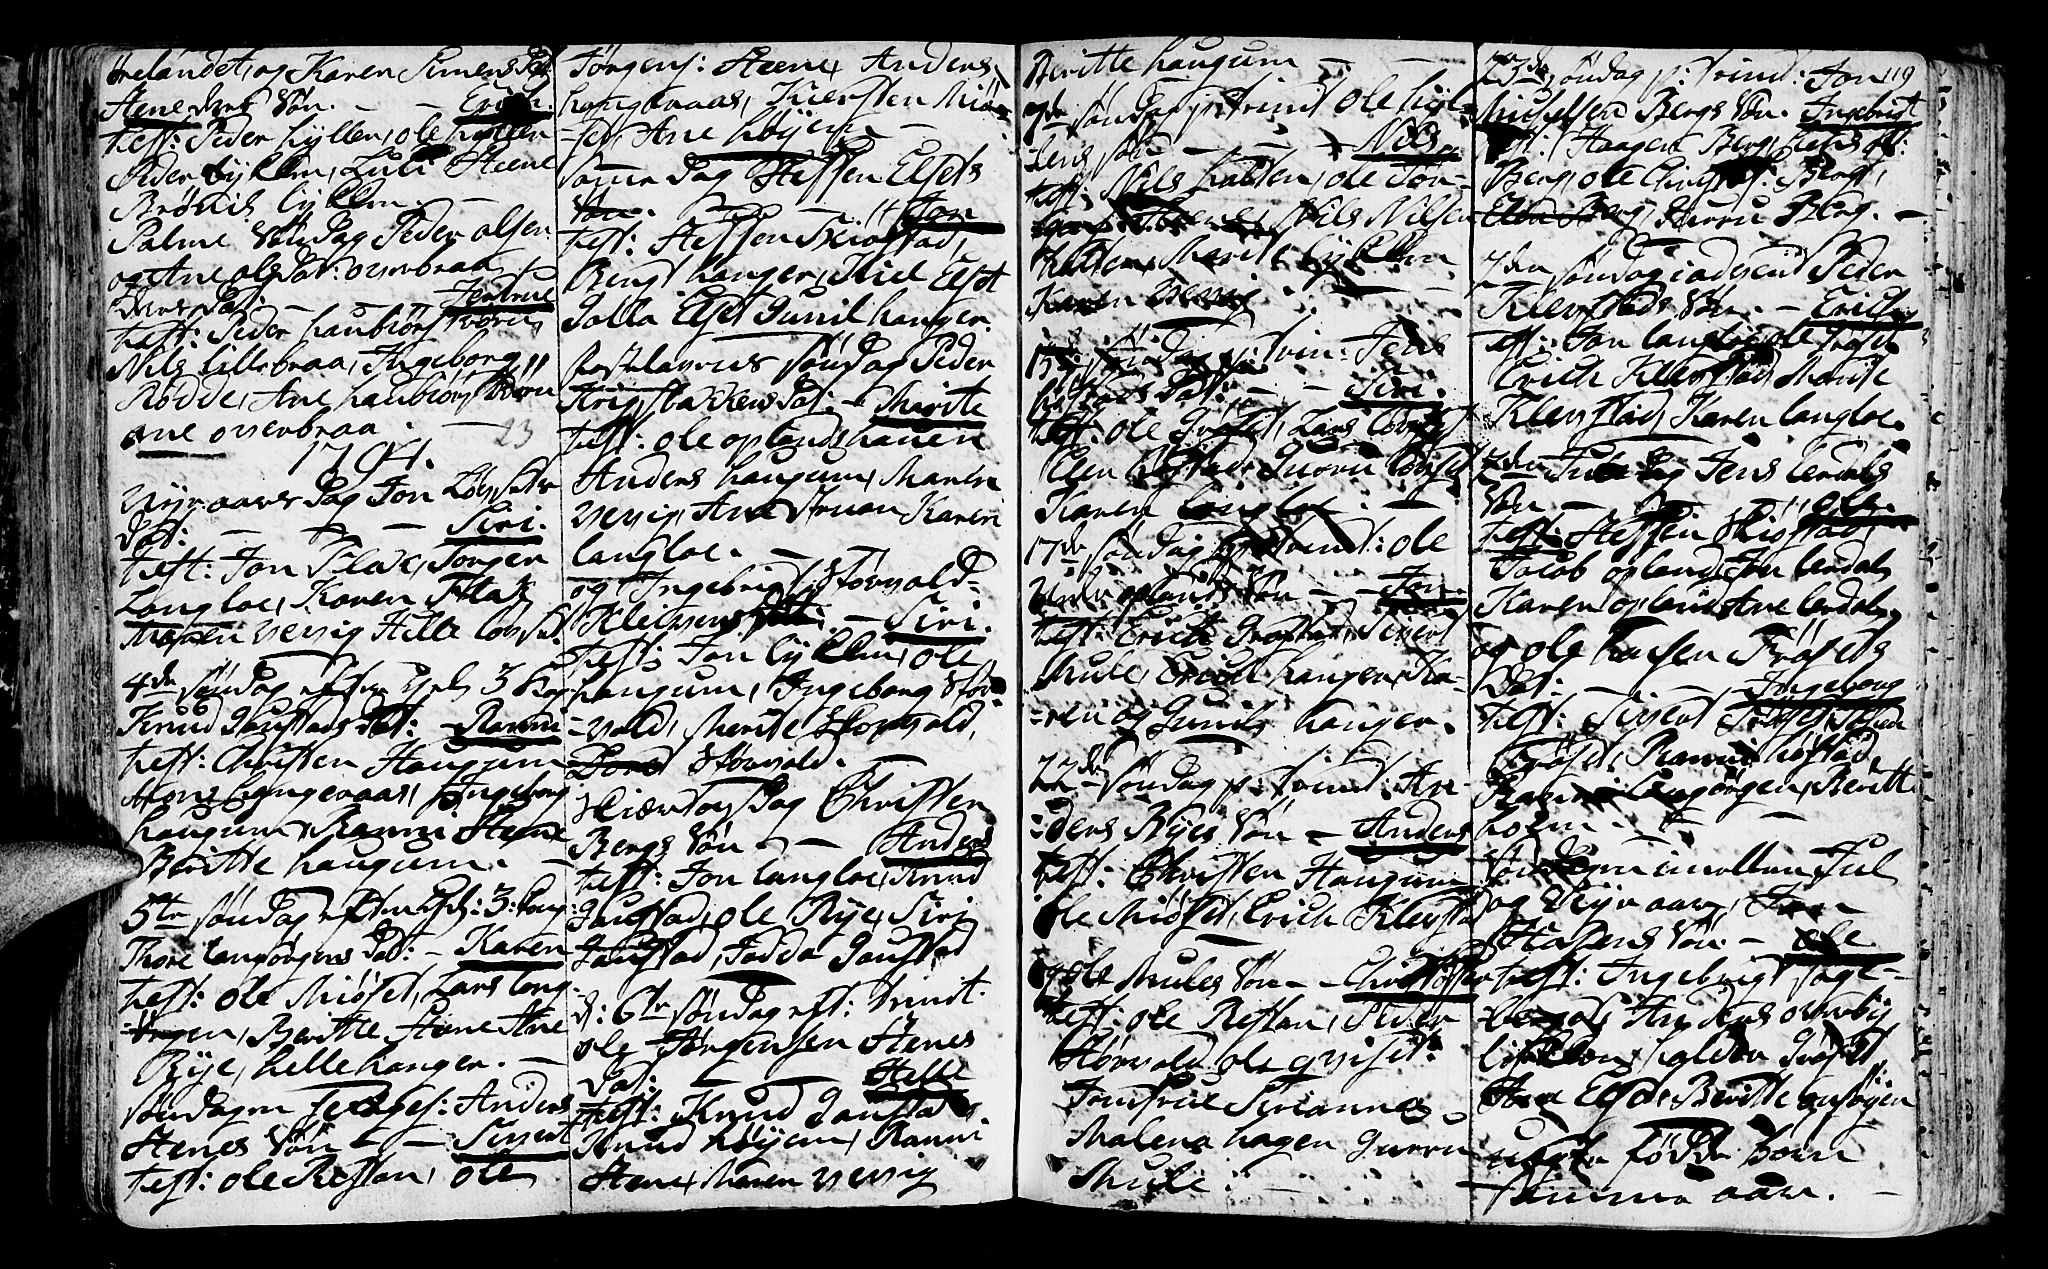 SAT, Ministerialprotokoller, klokkerbøker og fødselsregistre - Sør-Trøndelag, 612/L0370: Ministerialbok nr. 612A04, 1754-1802, s. 119